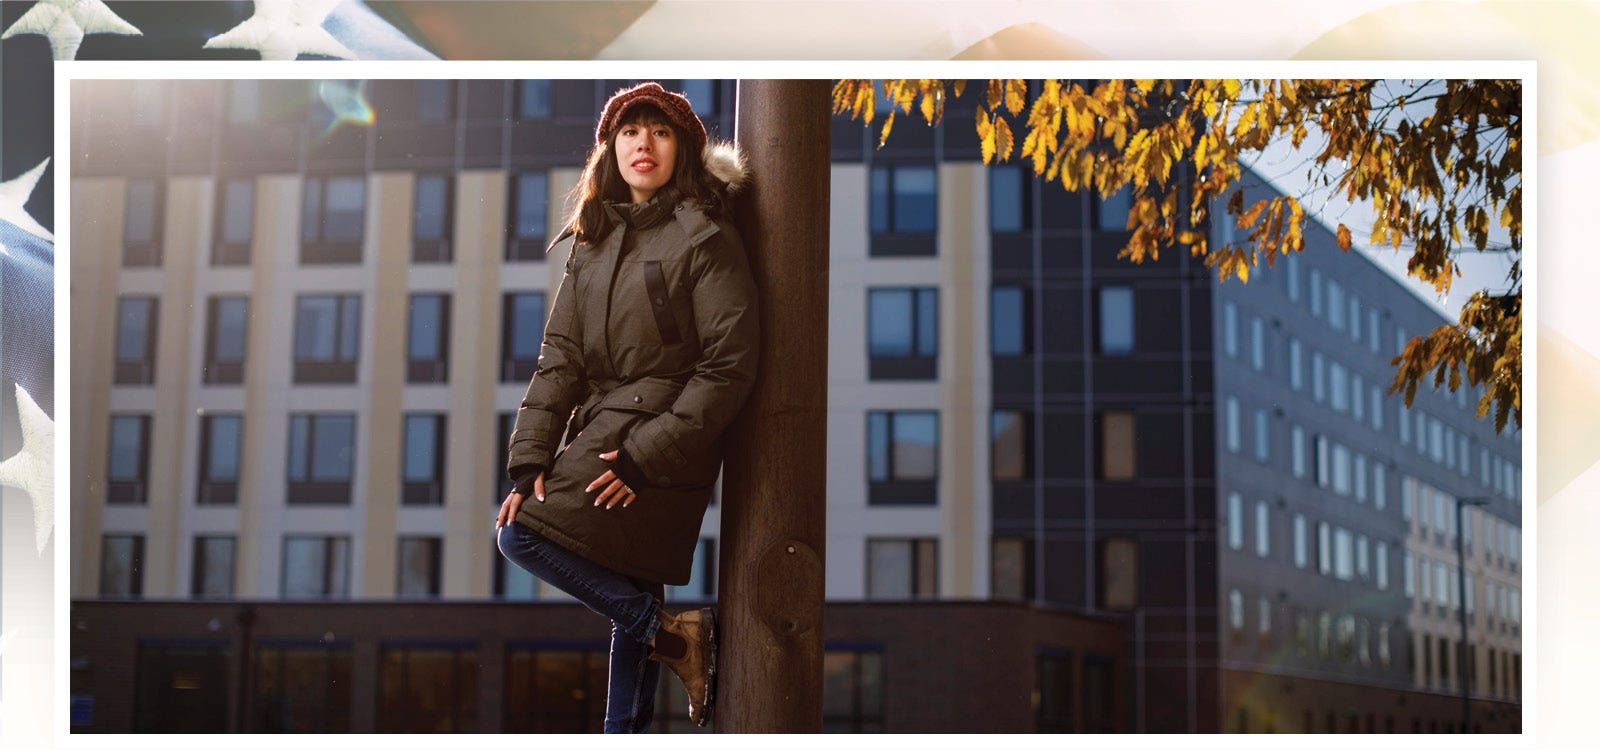 El estudiante Leslie Hurtado posa para una foto en el campus de la Northeastern Illinois University el 12 de noviembre del 2019.